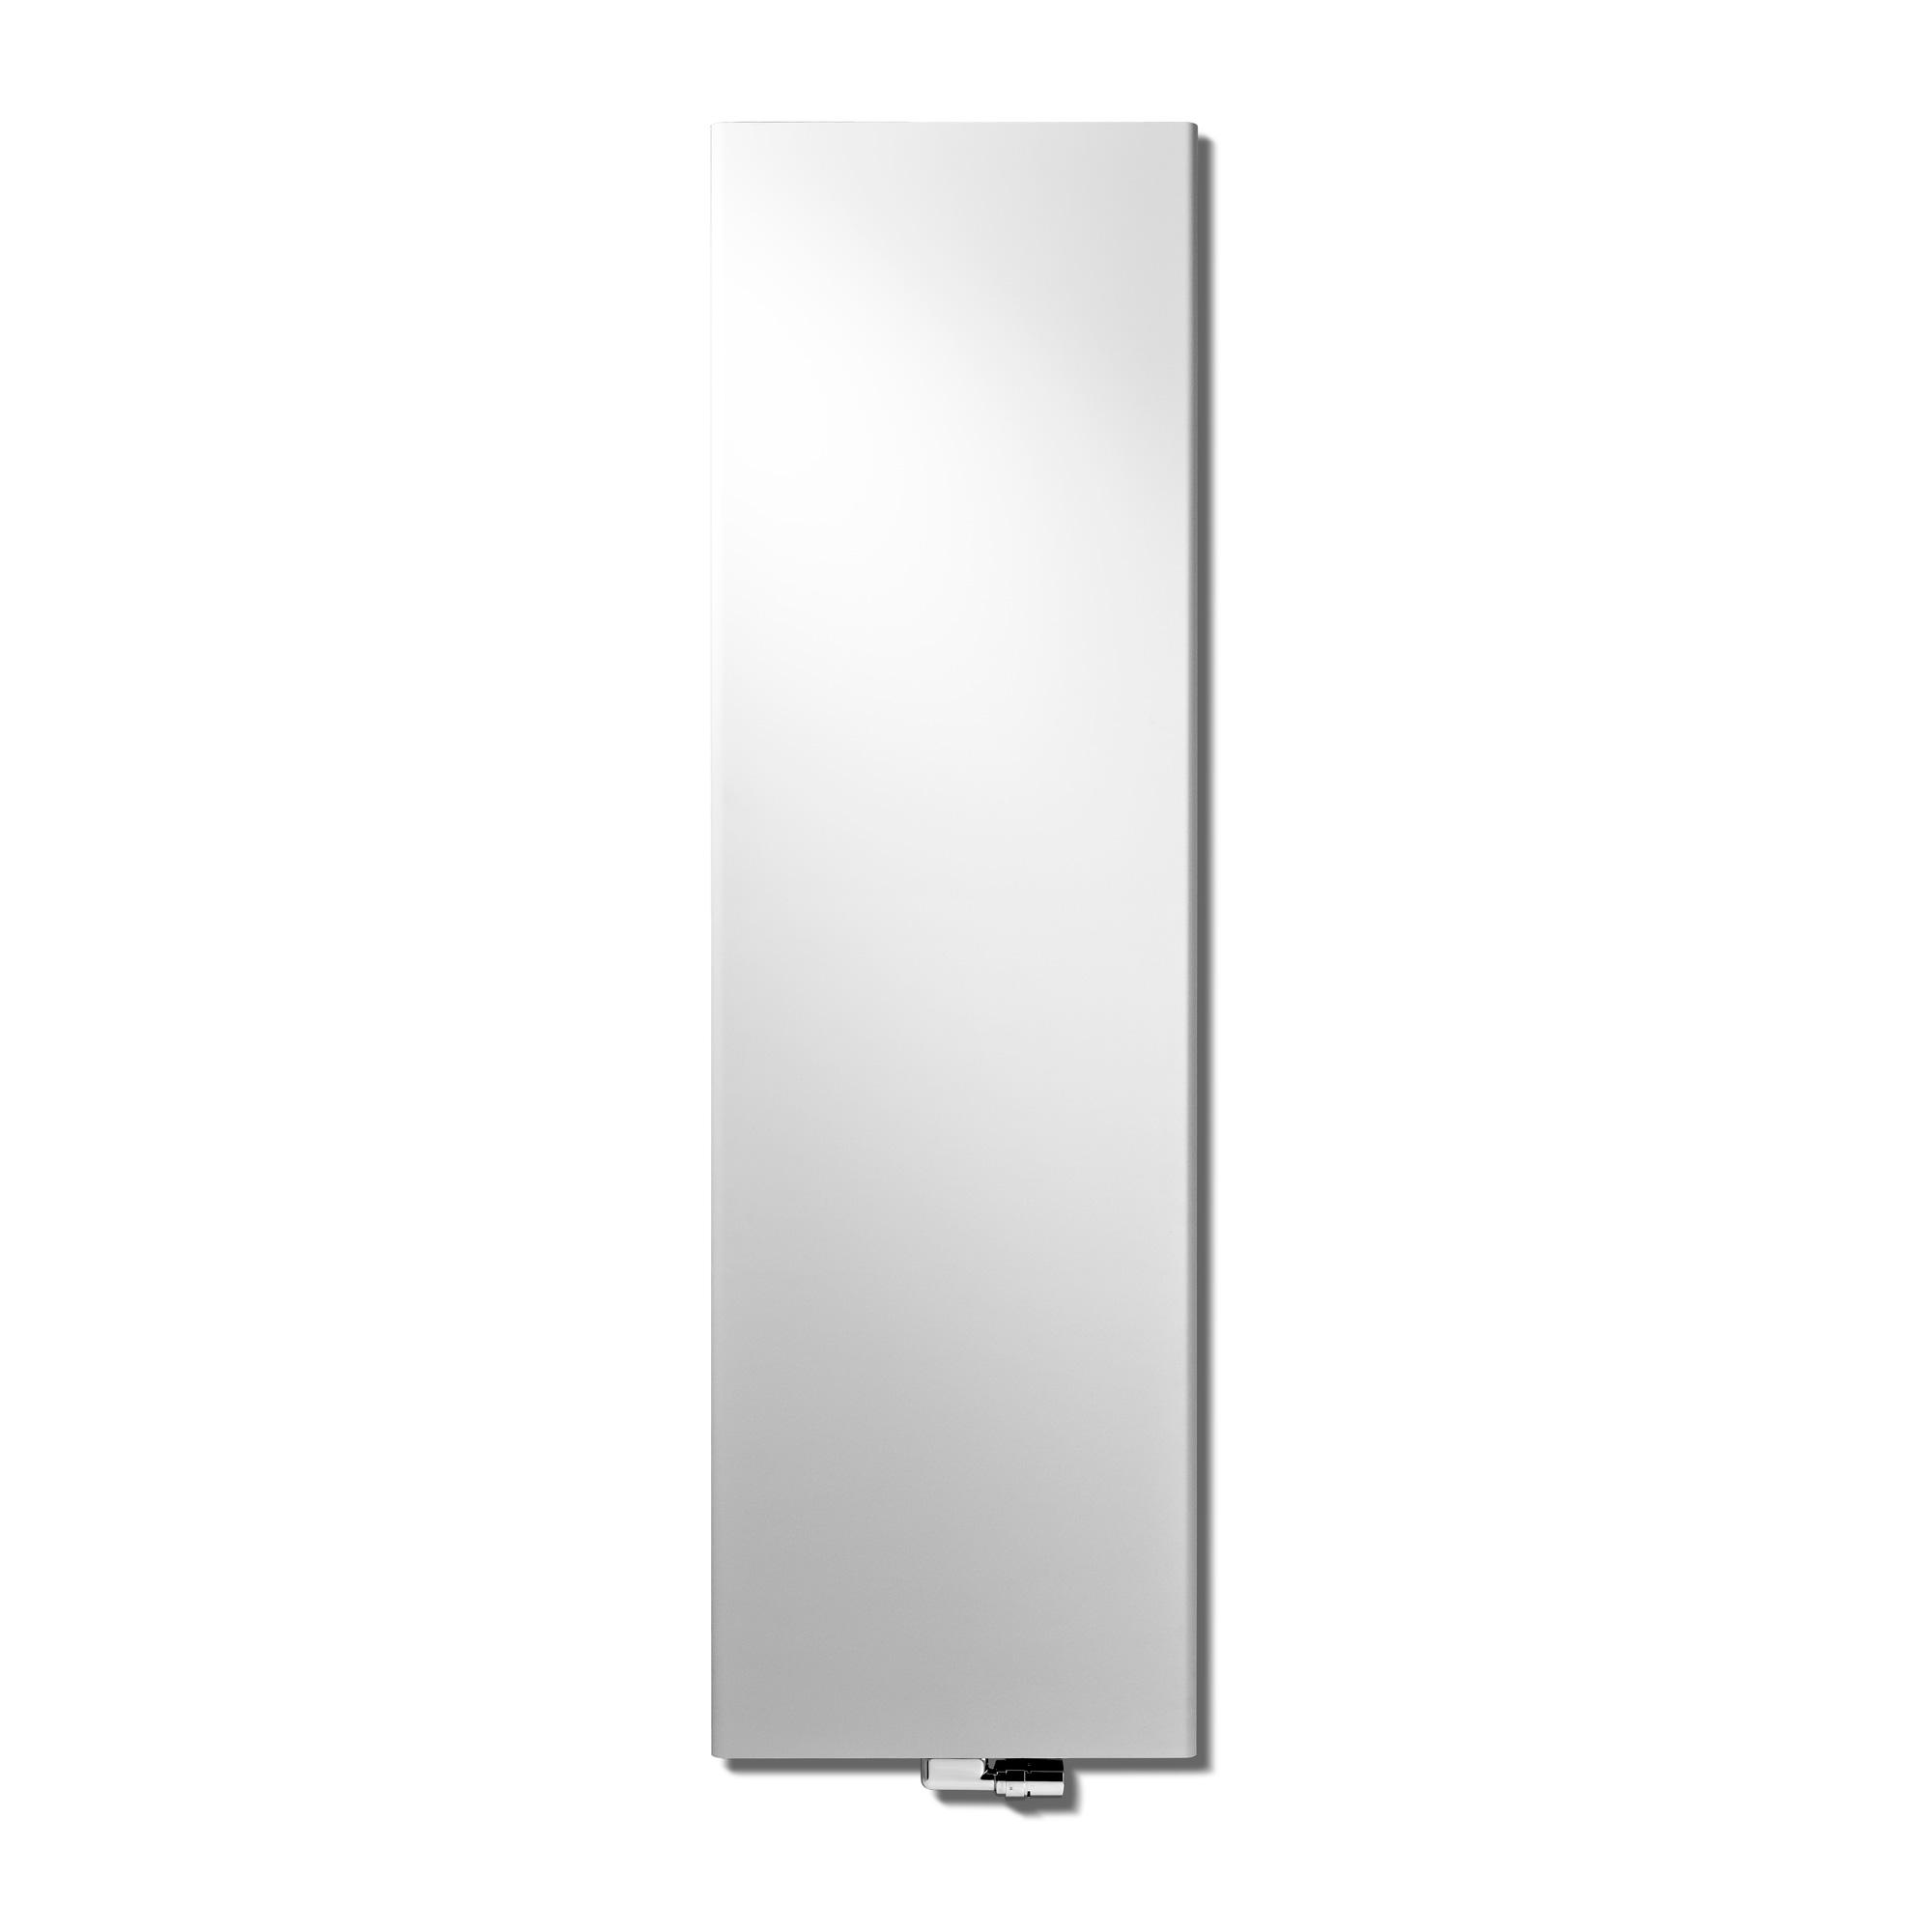 vasco niva vertikal heizk rper doppelt wei 1136 watt. Black Bedroom Furniture Sets. Home Design Ideas